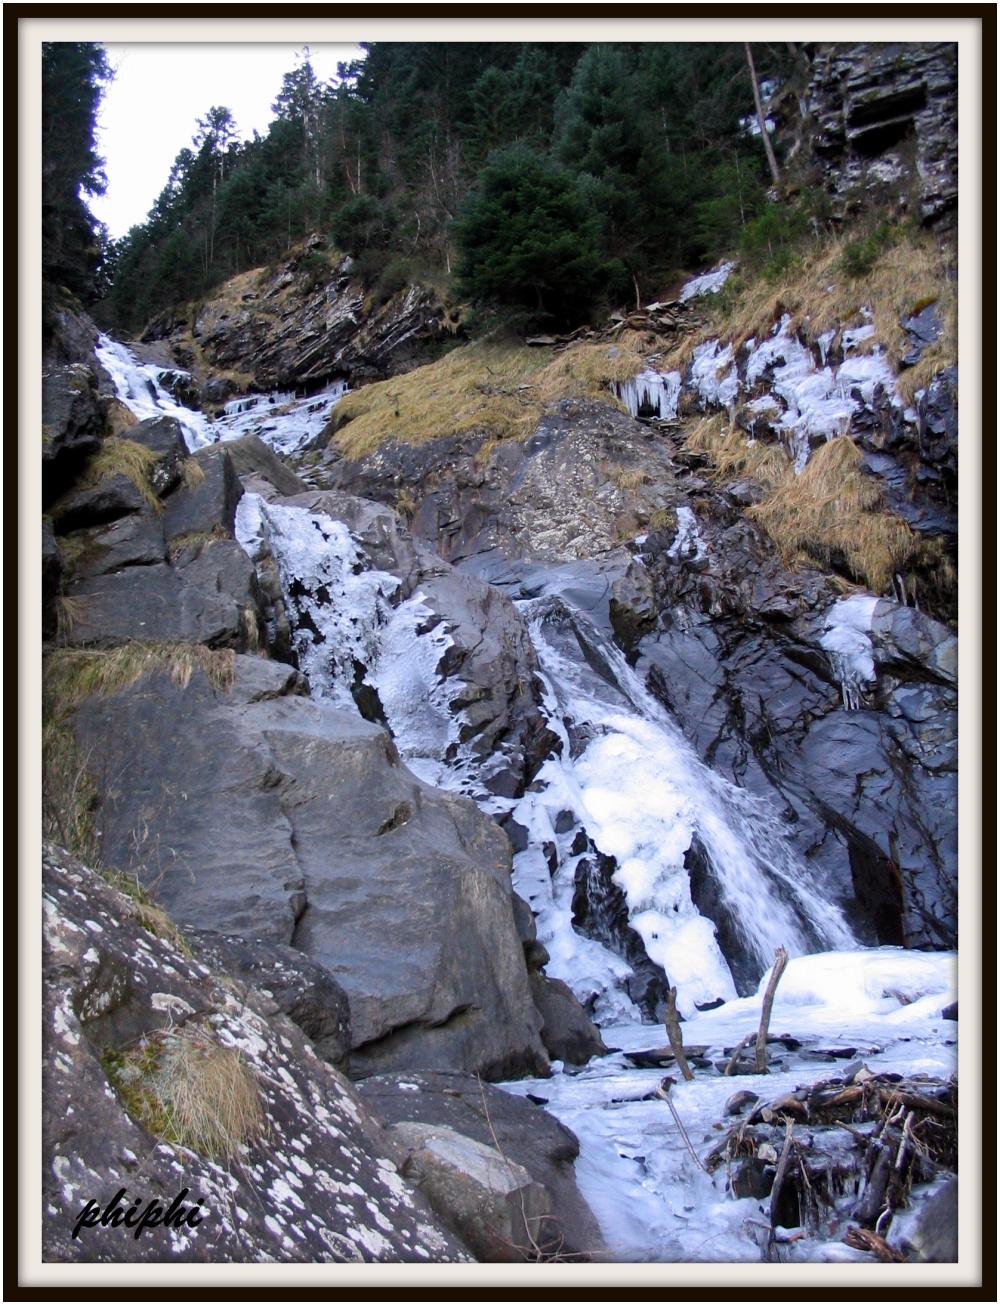 la cascade du plat d'Arsouet ( st lary)